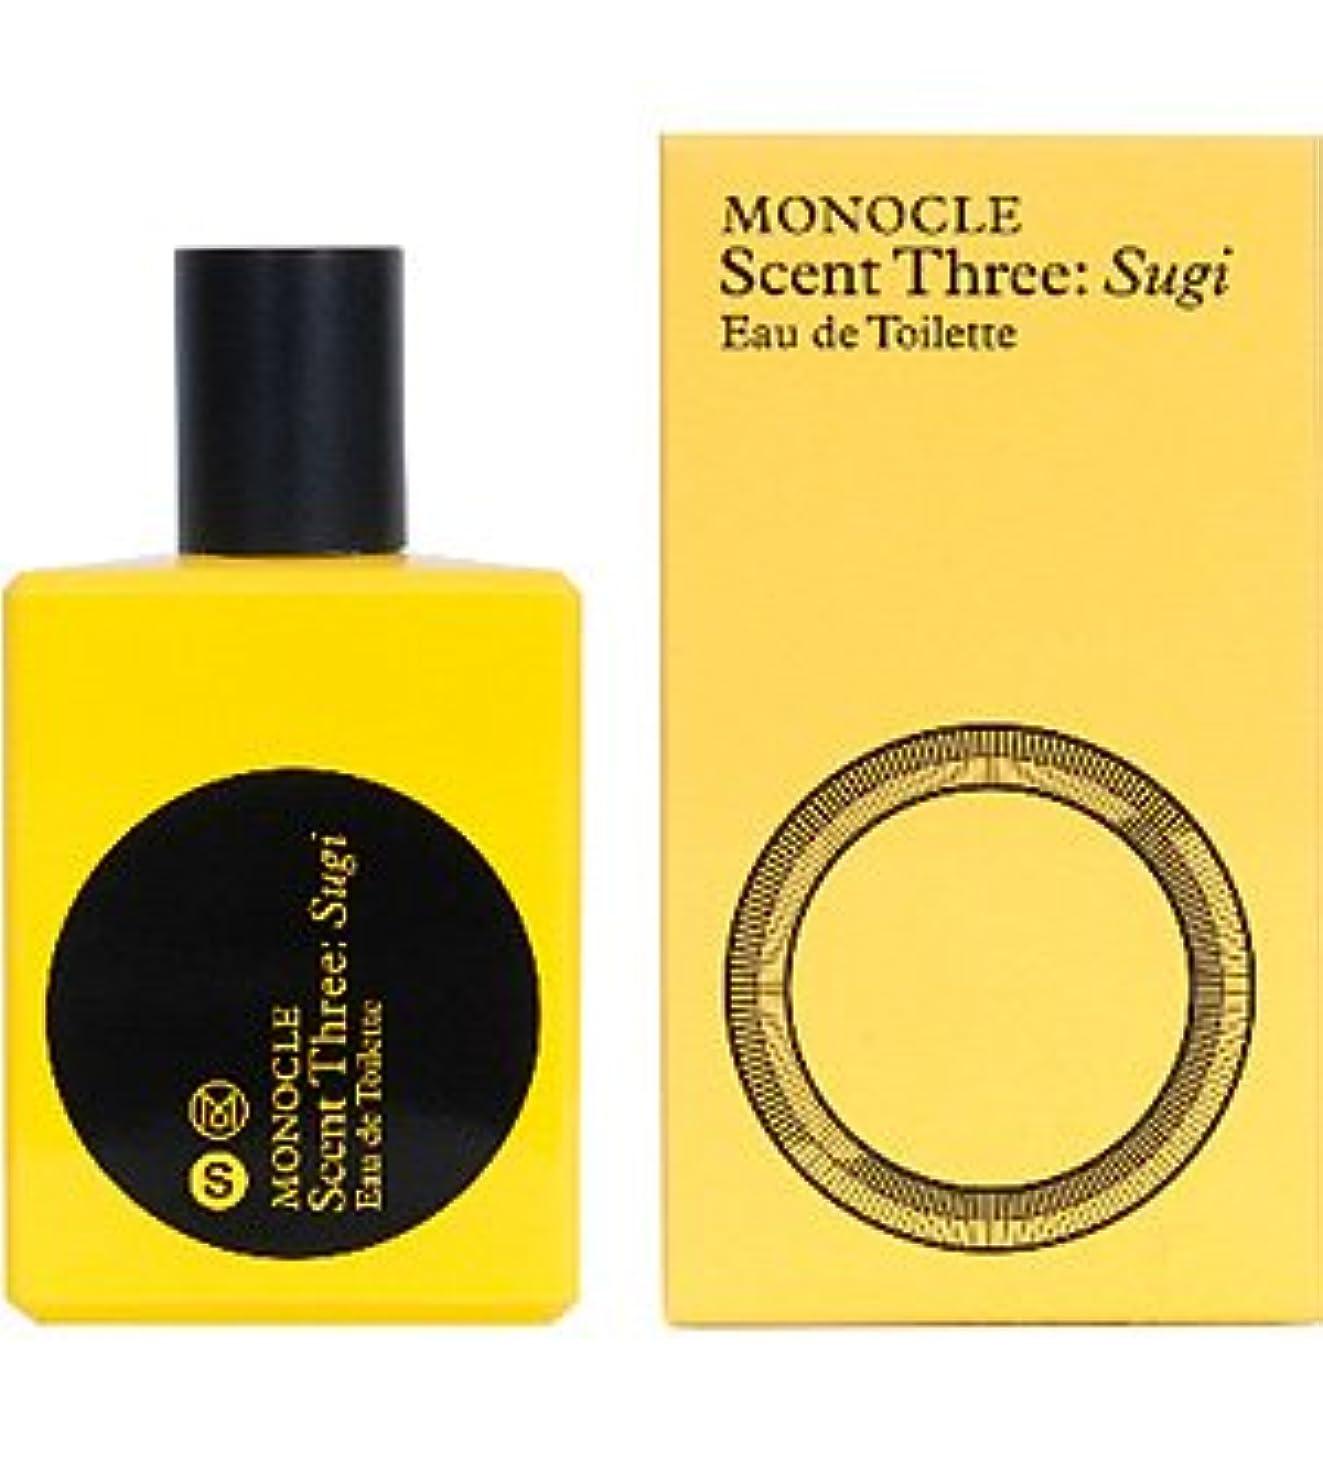 批判する明らかにする音Comme des Garcons Monocle Scent Three Sugi (コムデギャルソン モノクル セント3 スギ) 1.7 oz (50ml) EDT Spray for Unisex